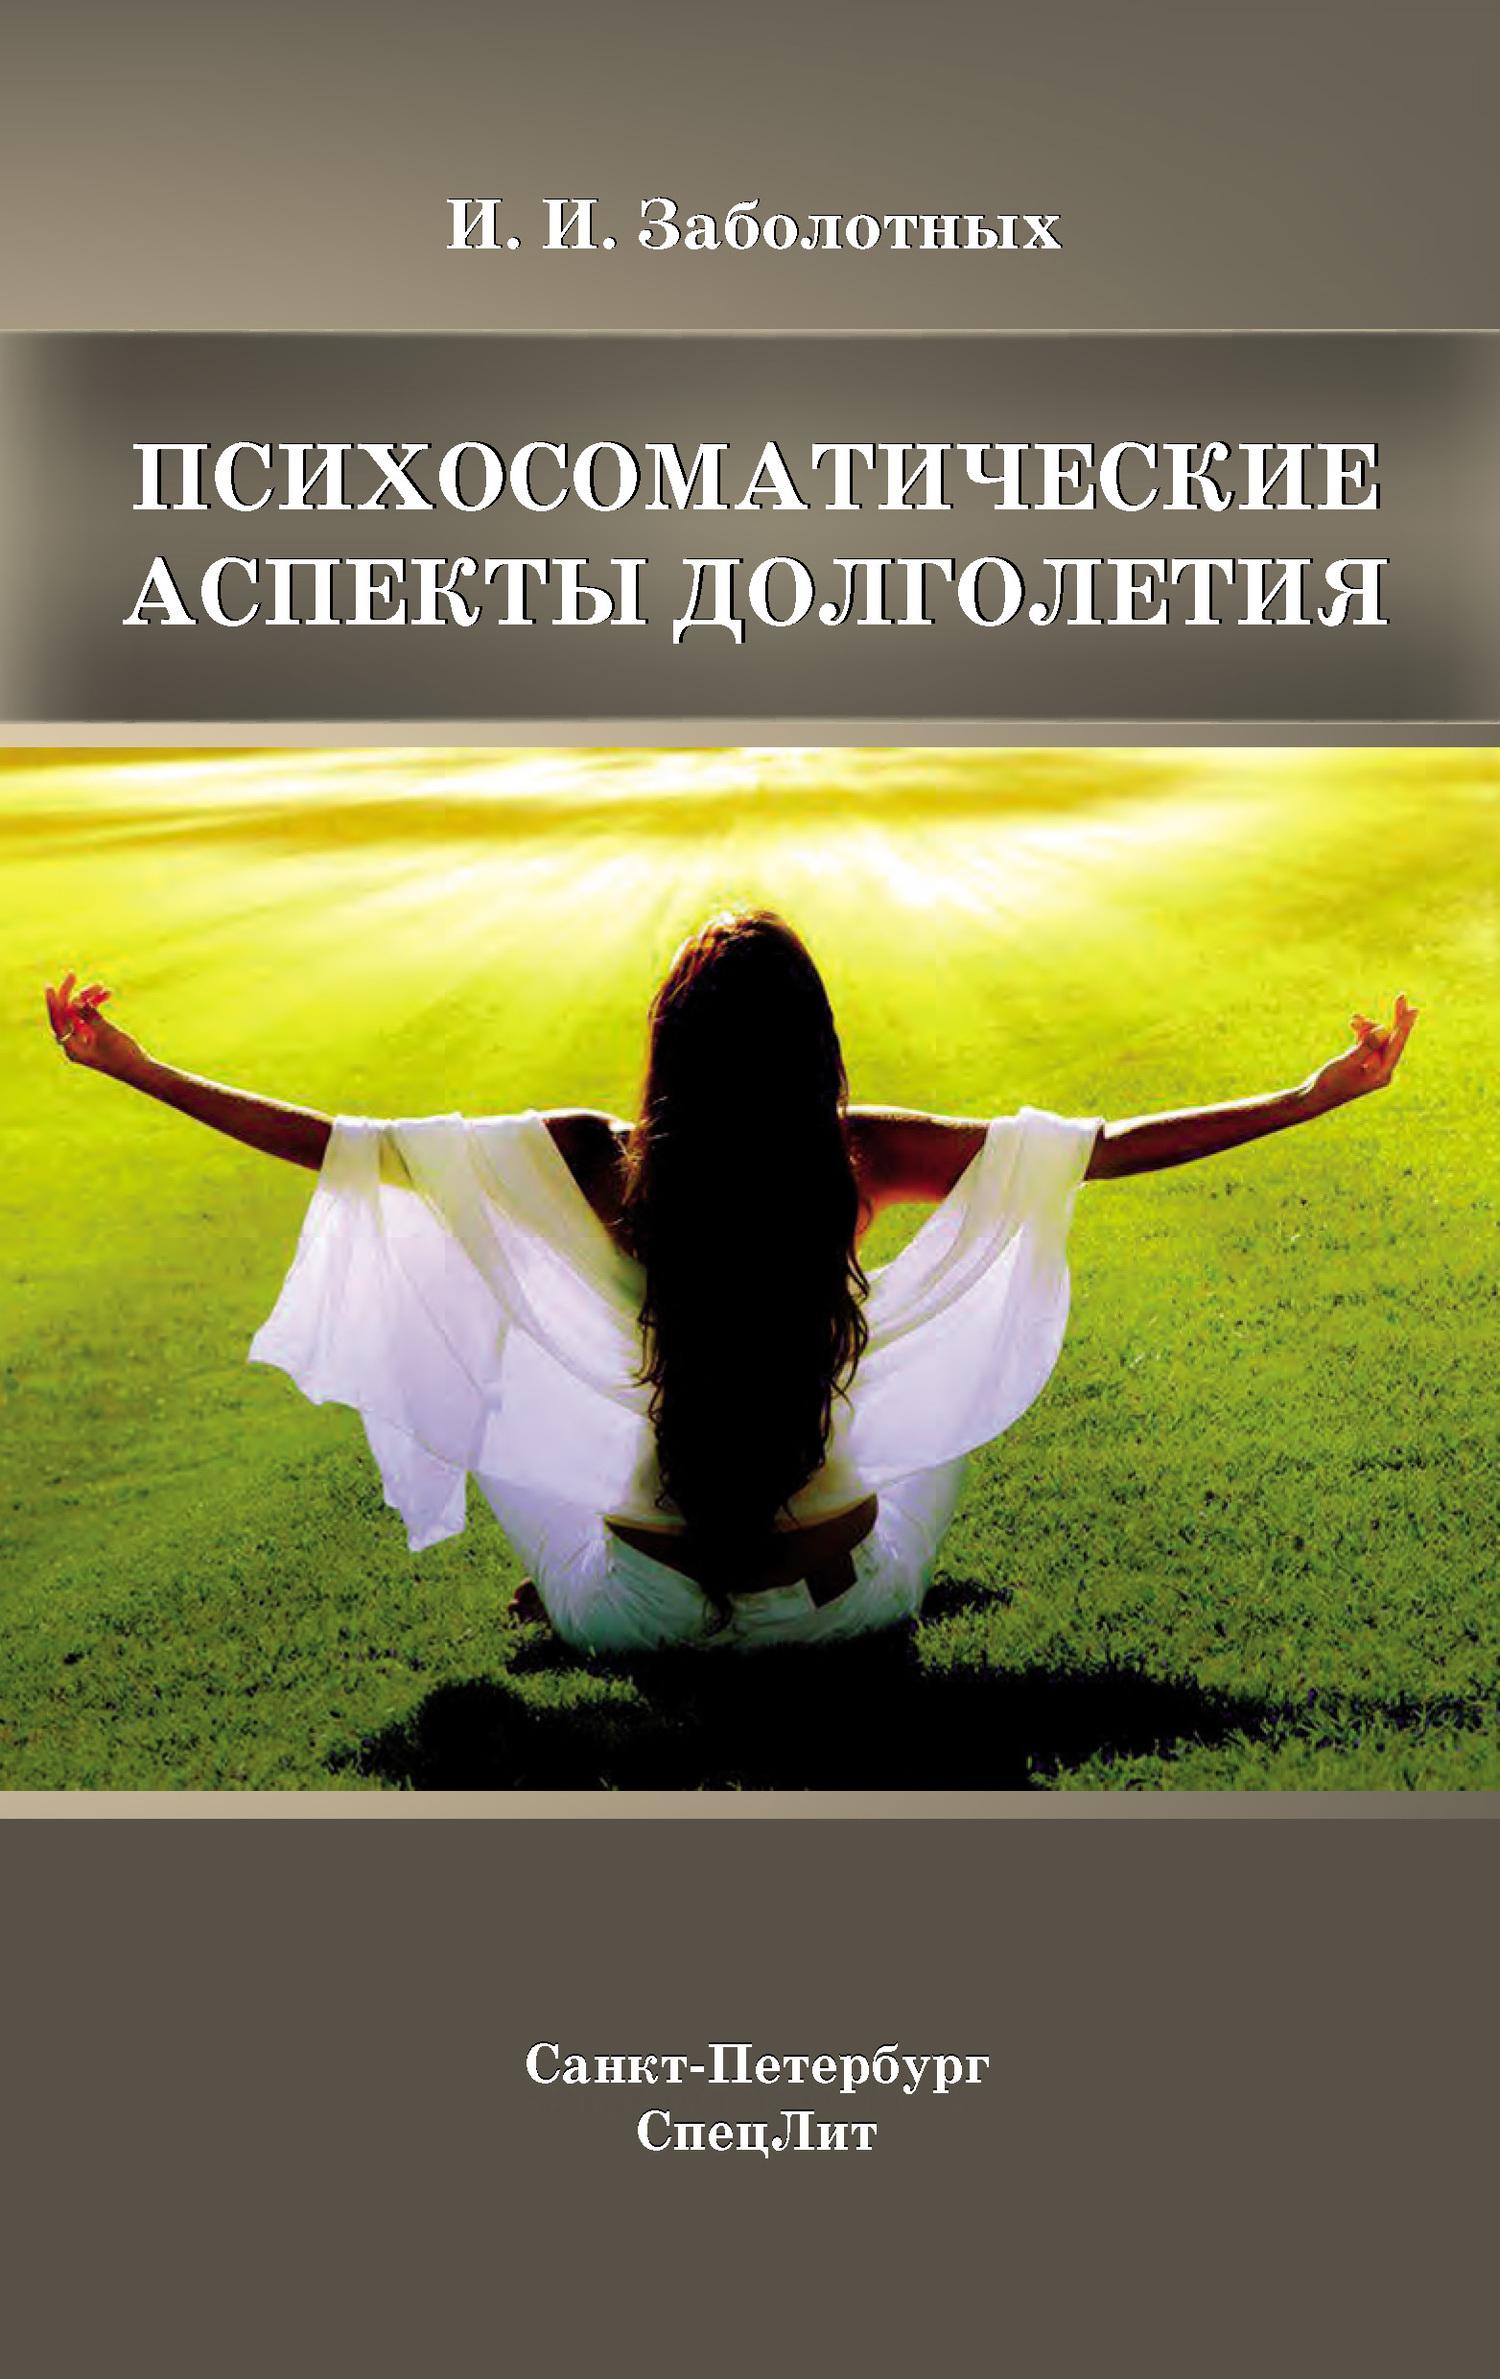 Инга Заболотных - Психосоматические аспекты долголетия